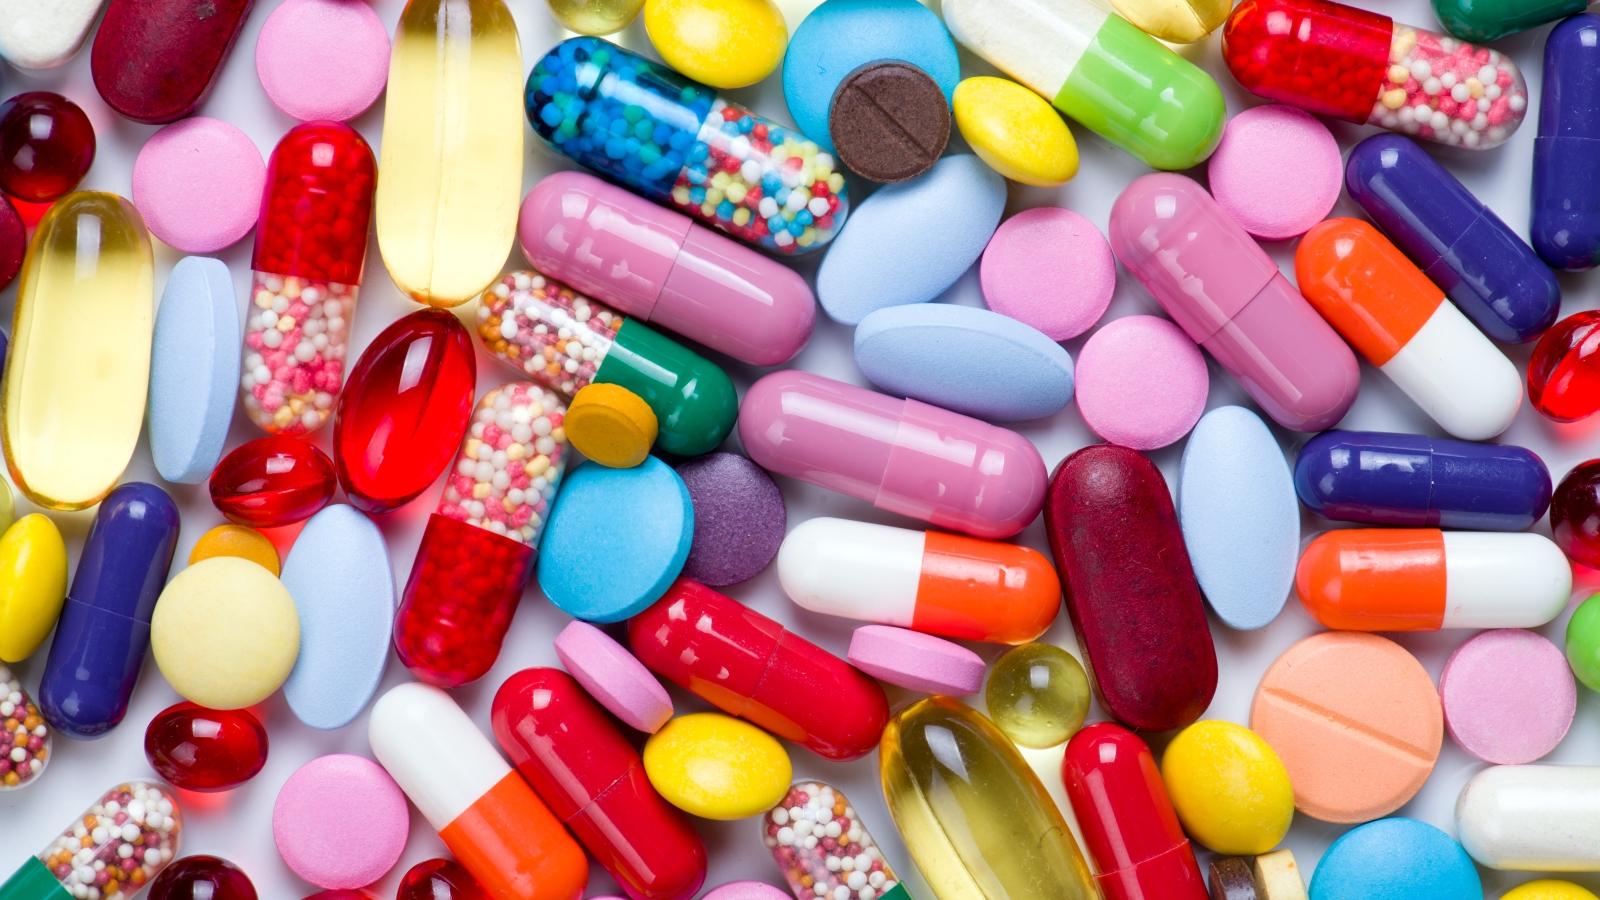 antiboitics